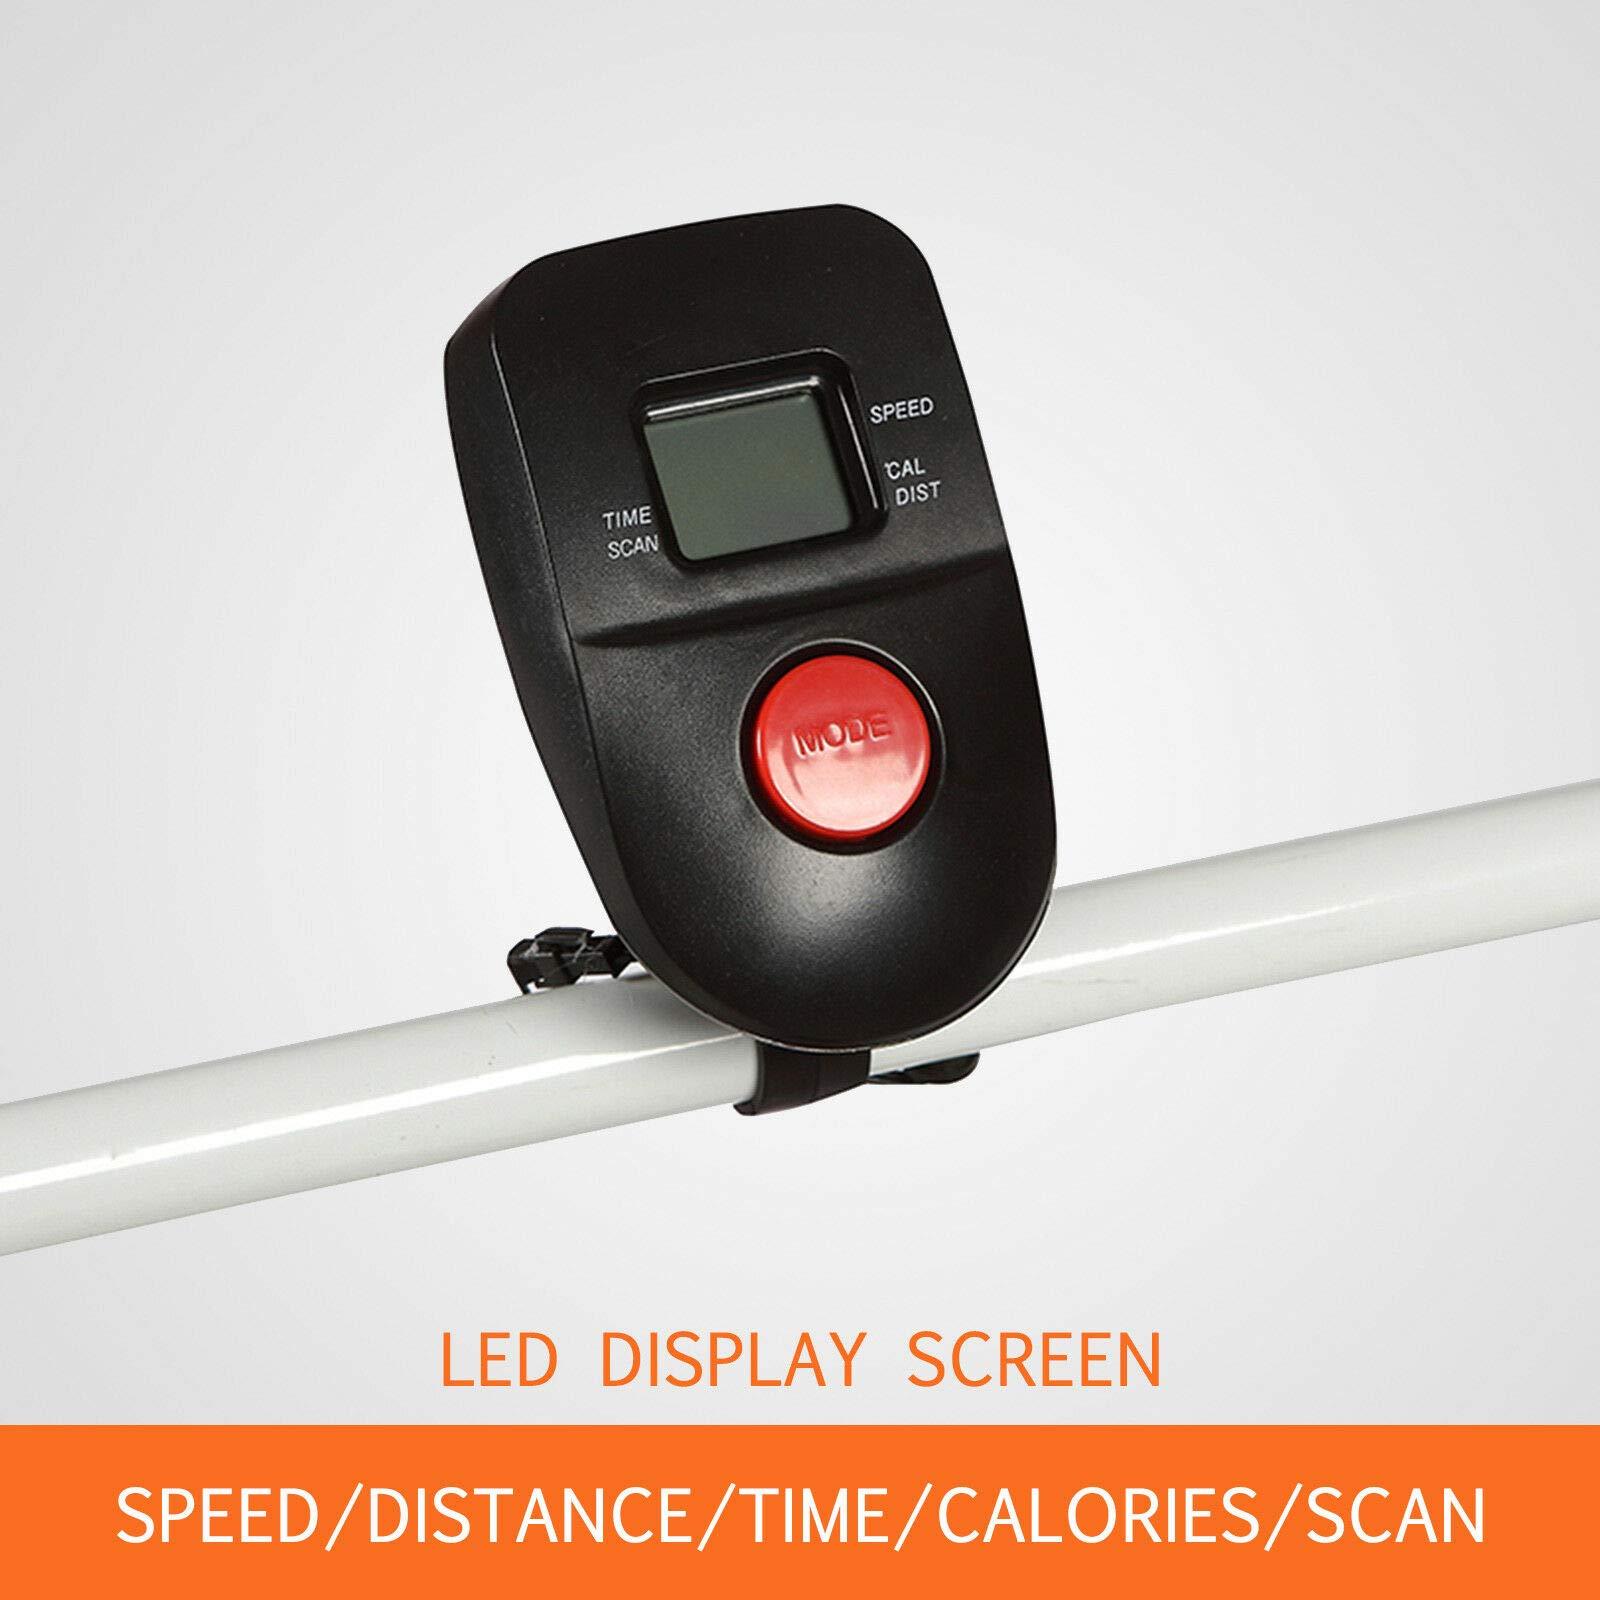 HappyShopShop Folding Adjustable Manual Treadmill Run Running Walk Walking Machine Cardio Exercise by HappyShopShop (Image #4)